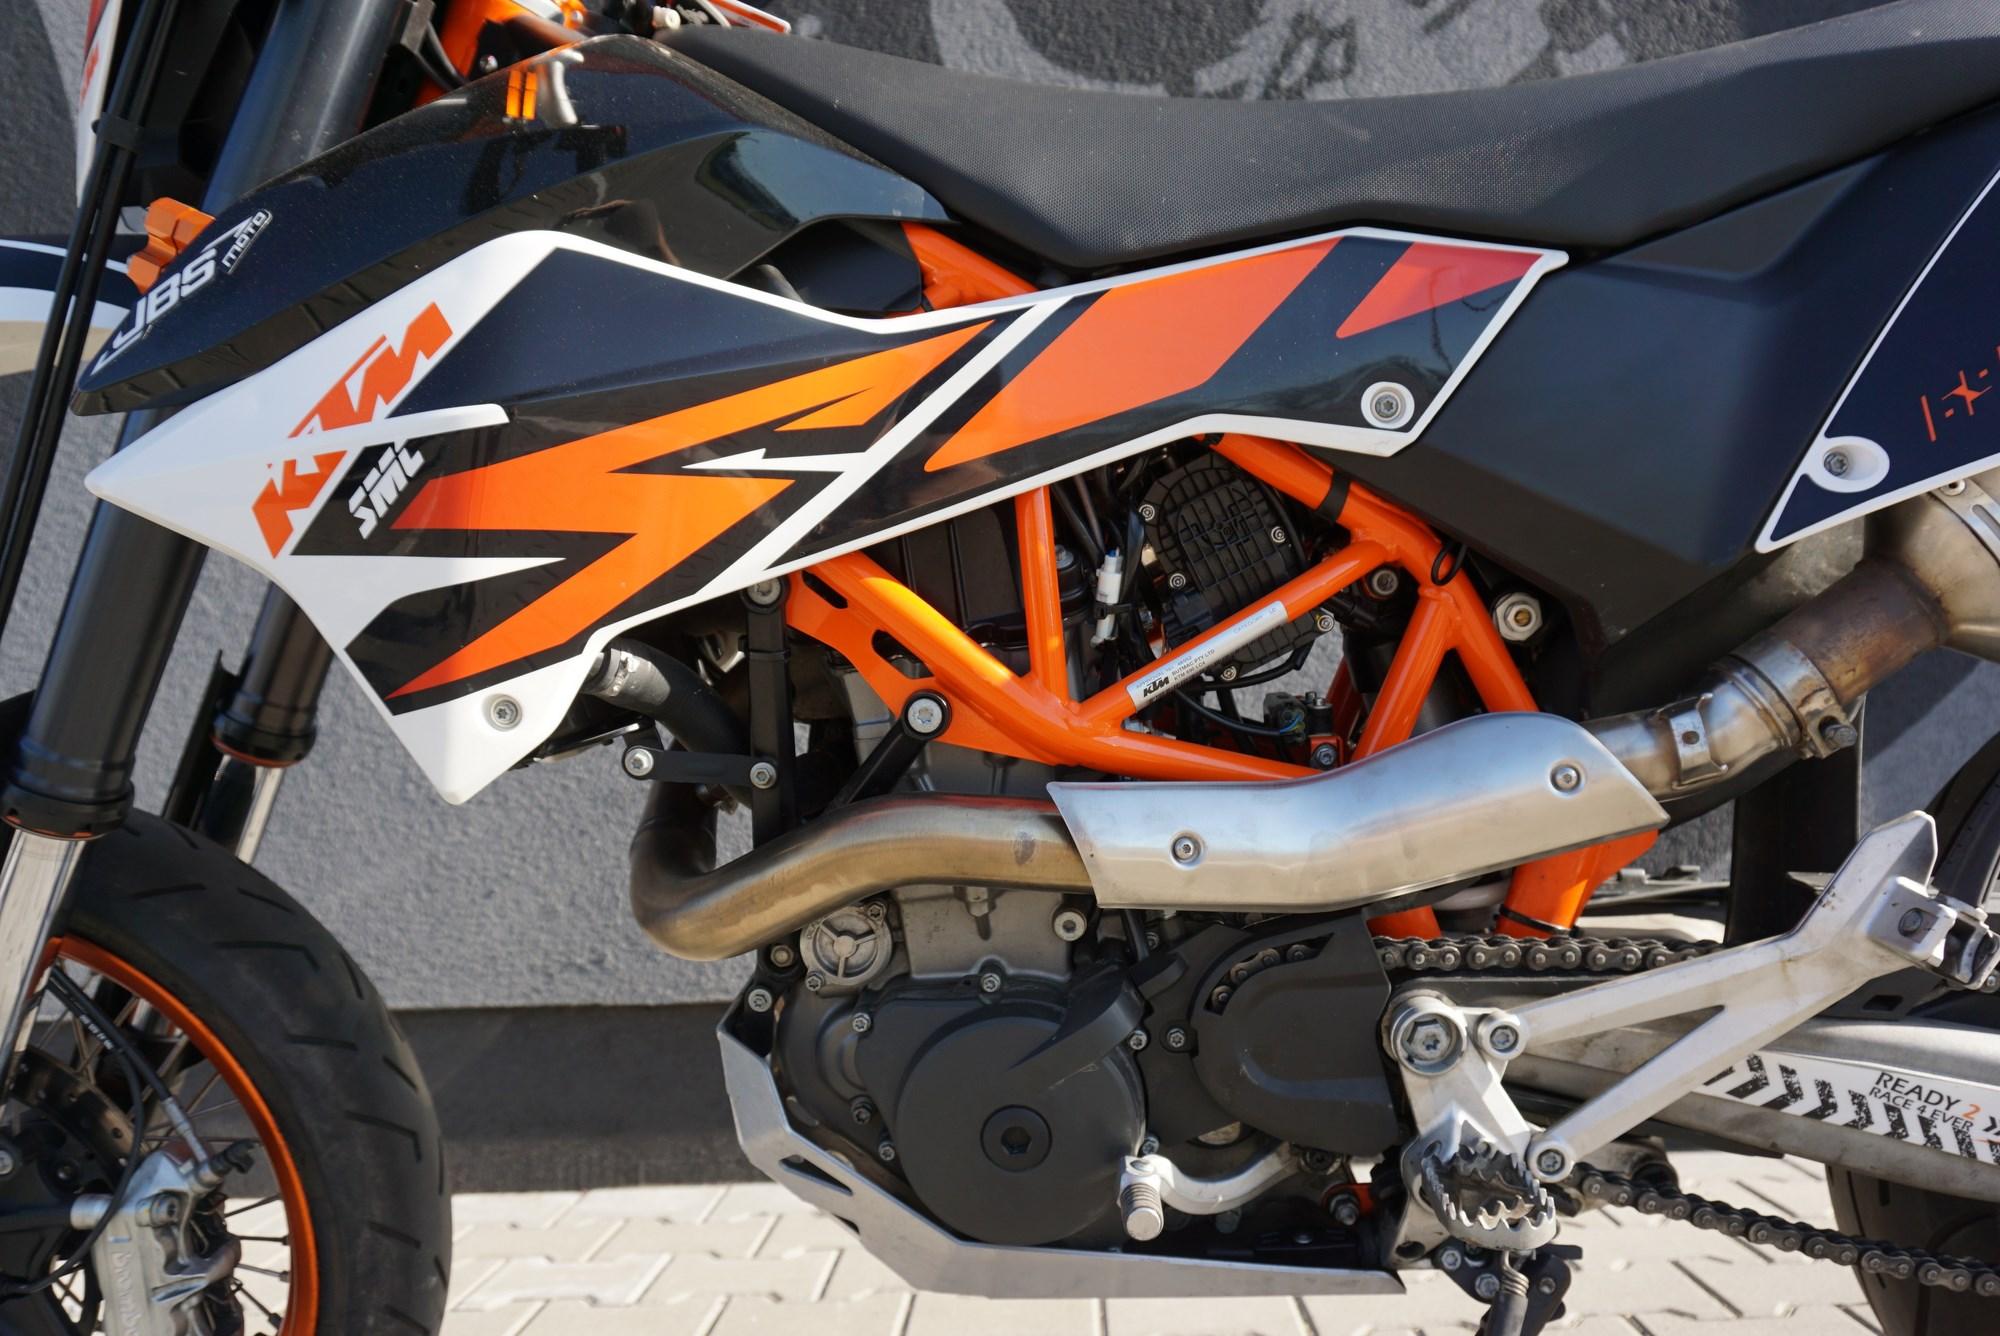 KTM 690 SMC-R